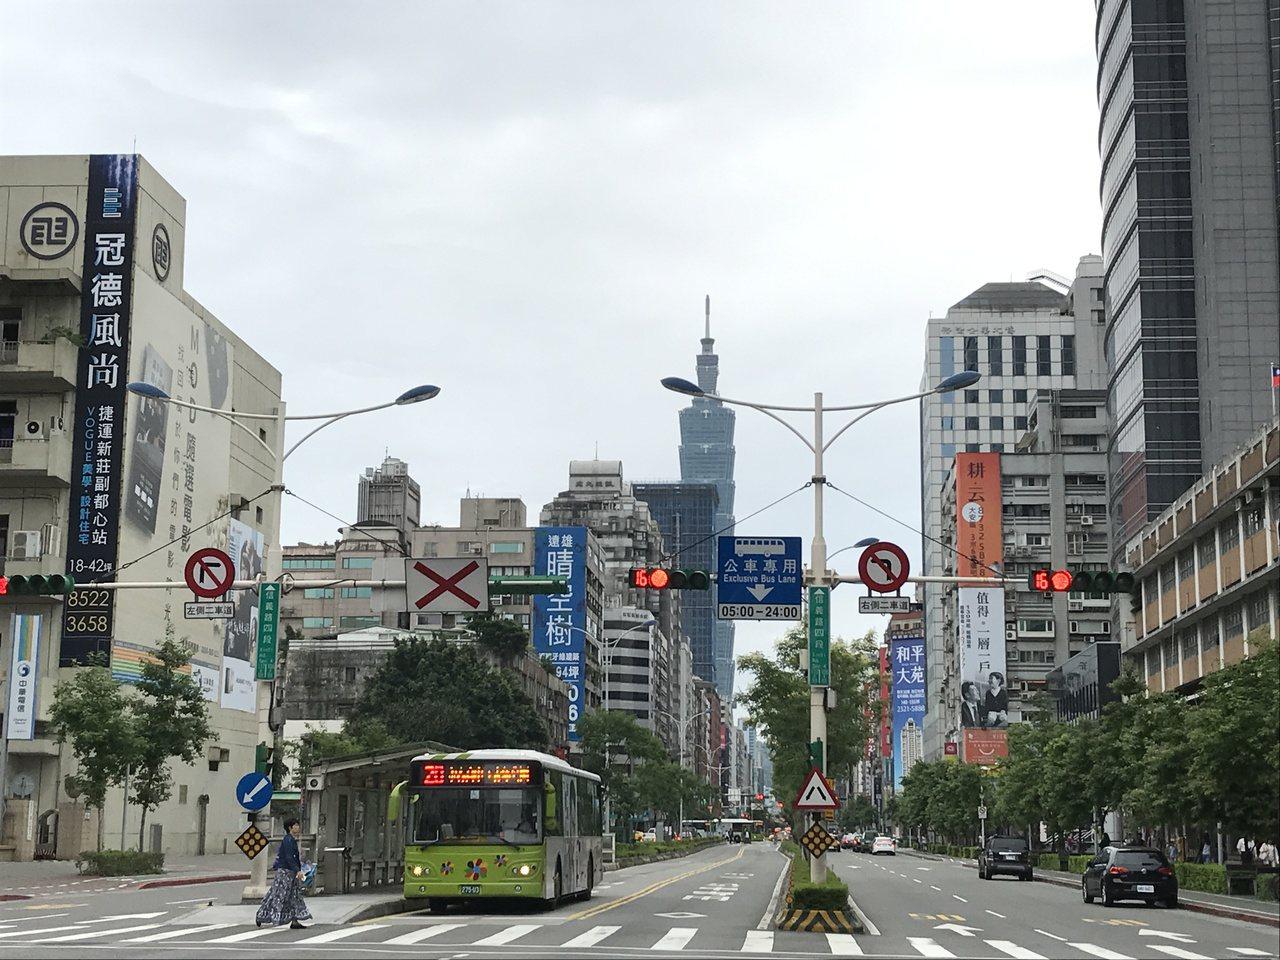 市調統計指出,今年上半年北台灣推案量創下八年新低。本報資料照